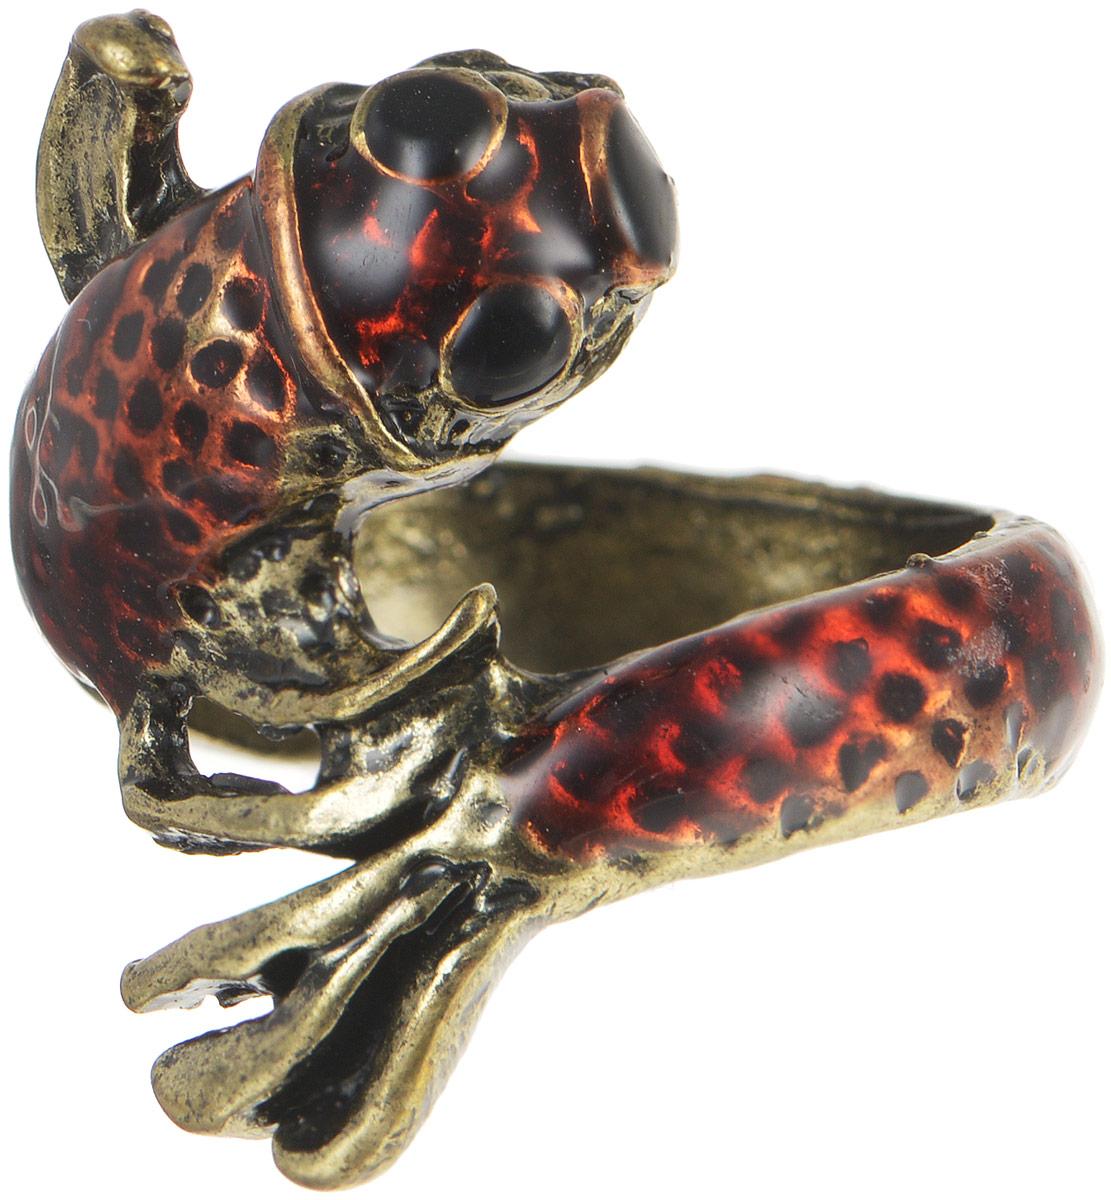 Кольцо YusliQ. Ручная авторская работа. 26-02326-023Стильное кольцо YusliQ выполнено из металла в виде рыбы, оформлено эмалью. Такое кольцо это блестящее завершение вашего неповторимого и смелого образа и отличный подарок для ценительницы необычных украшений!